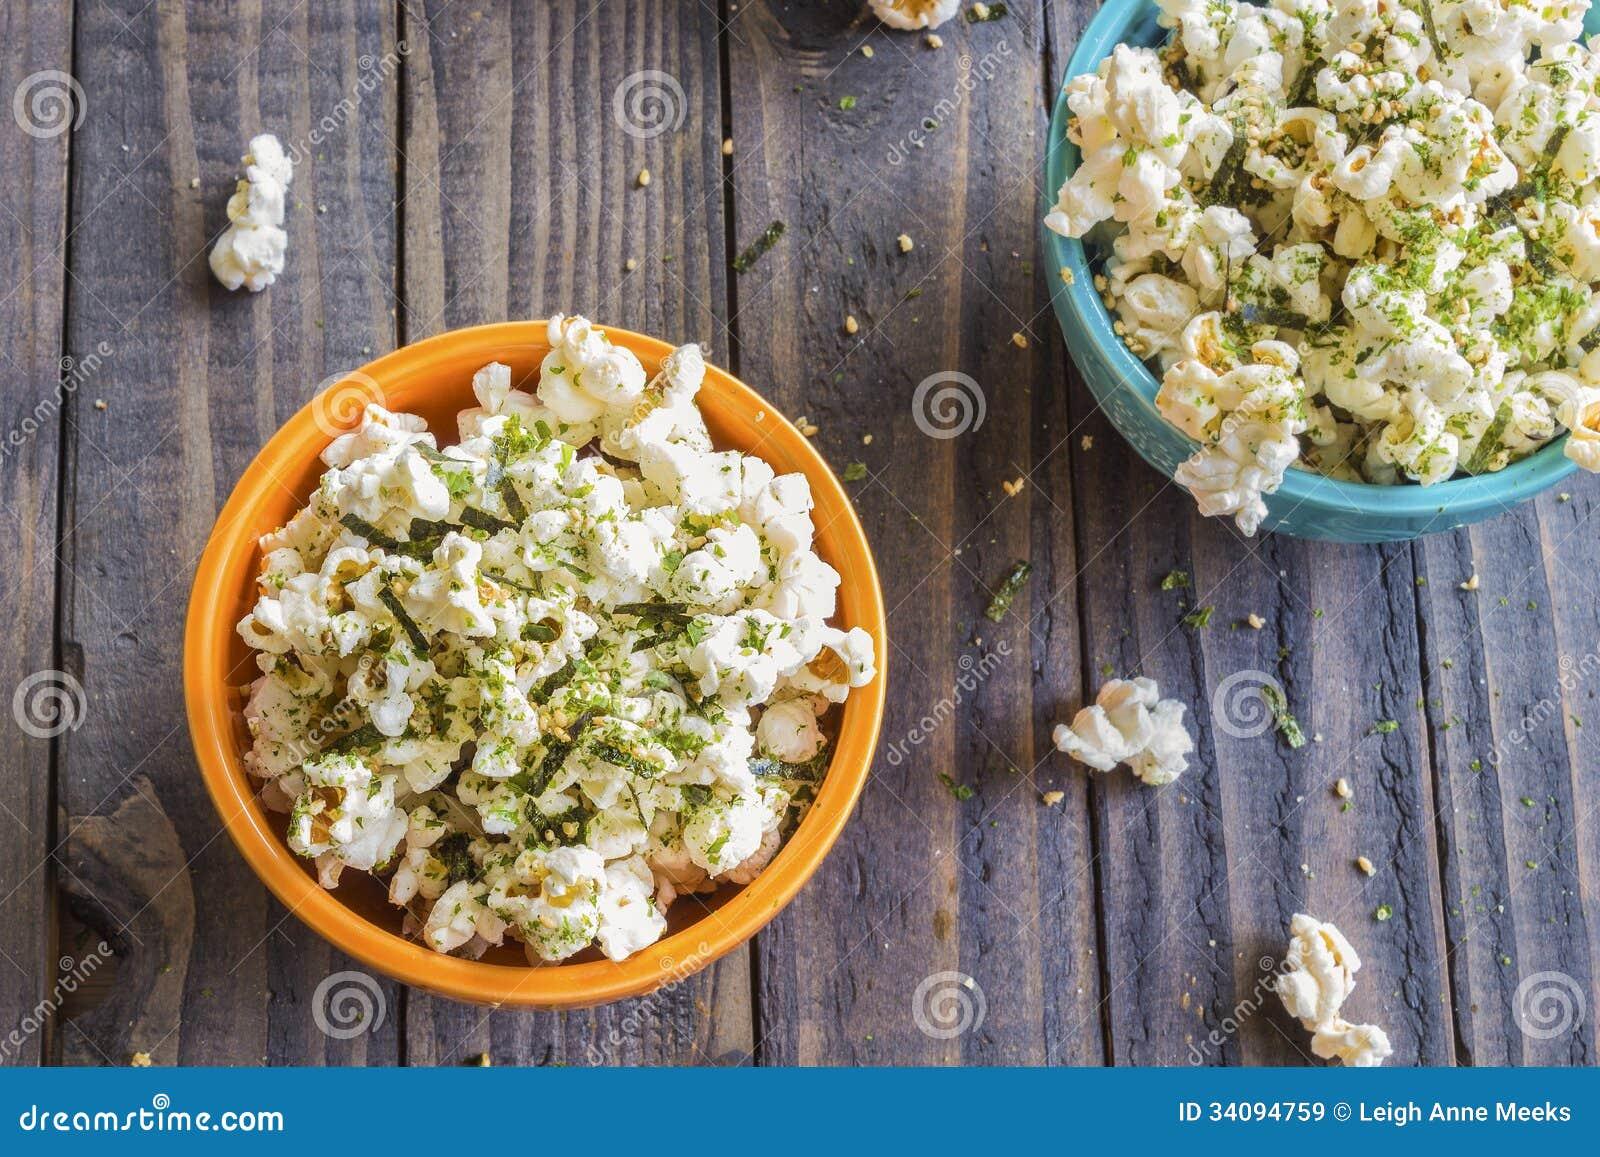 Furikake Popcorn Royalty Free Stock Images - Image: 34094759